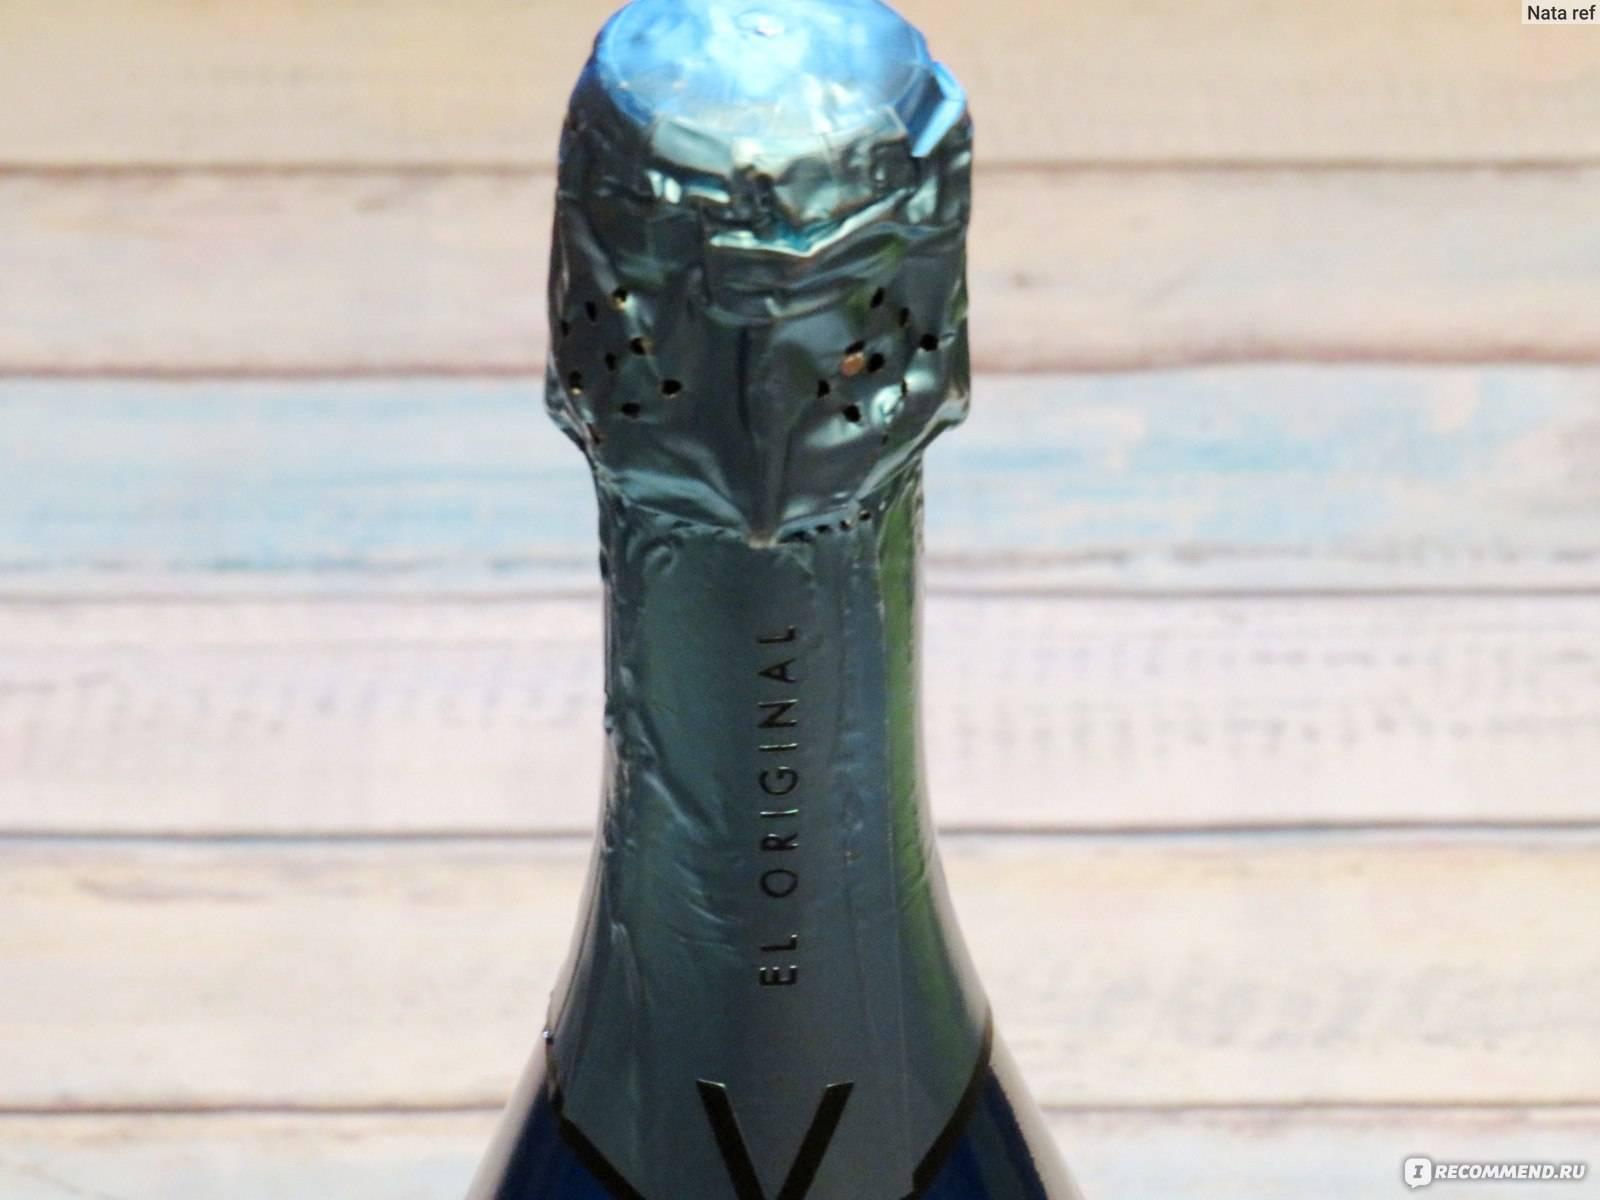 Шампанское aviva: состав, вкусы, цена, сколько градусов и где продается?